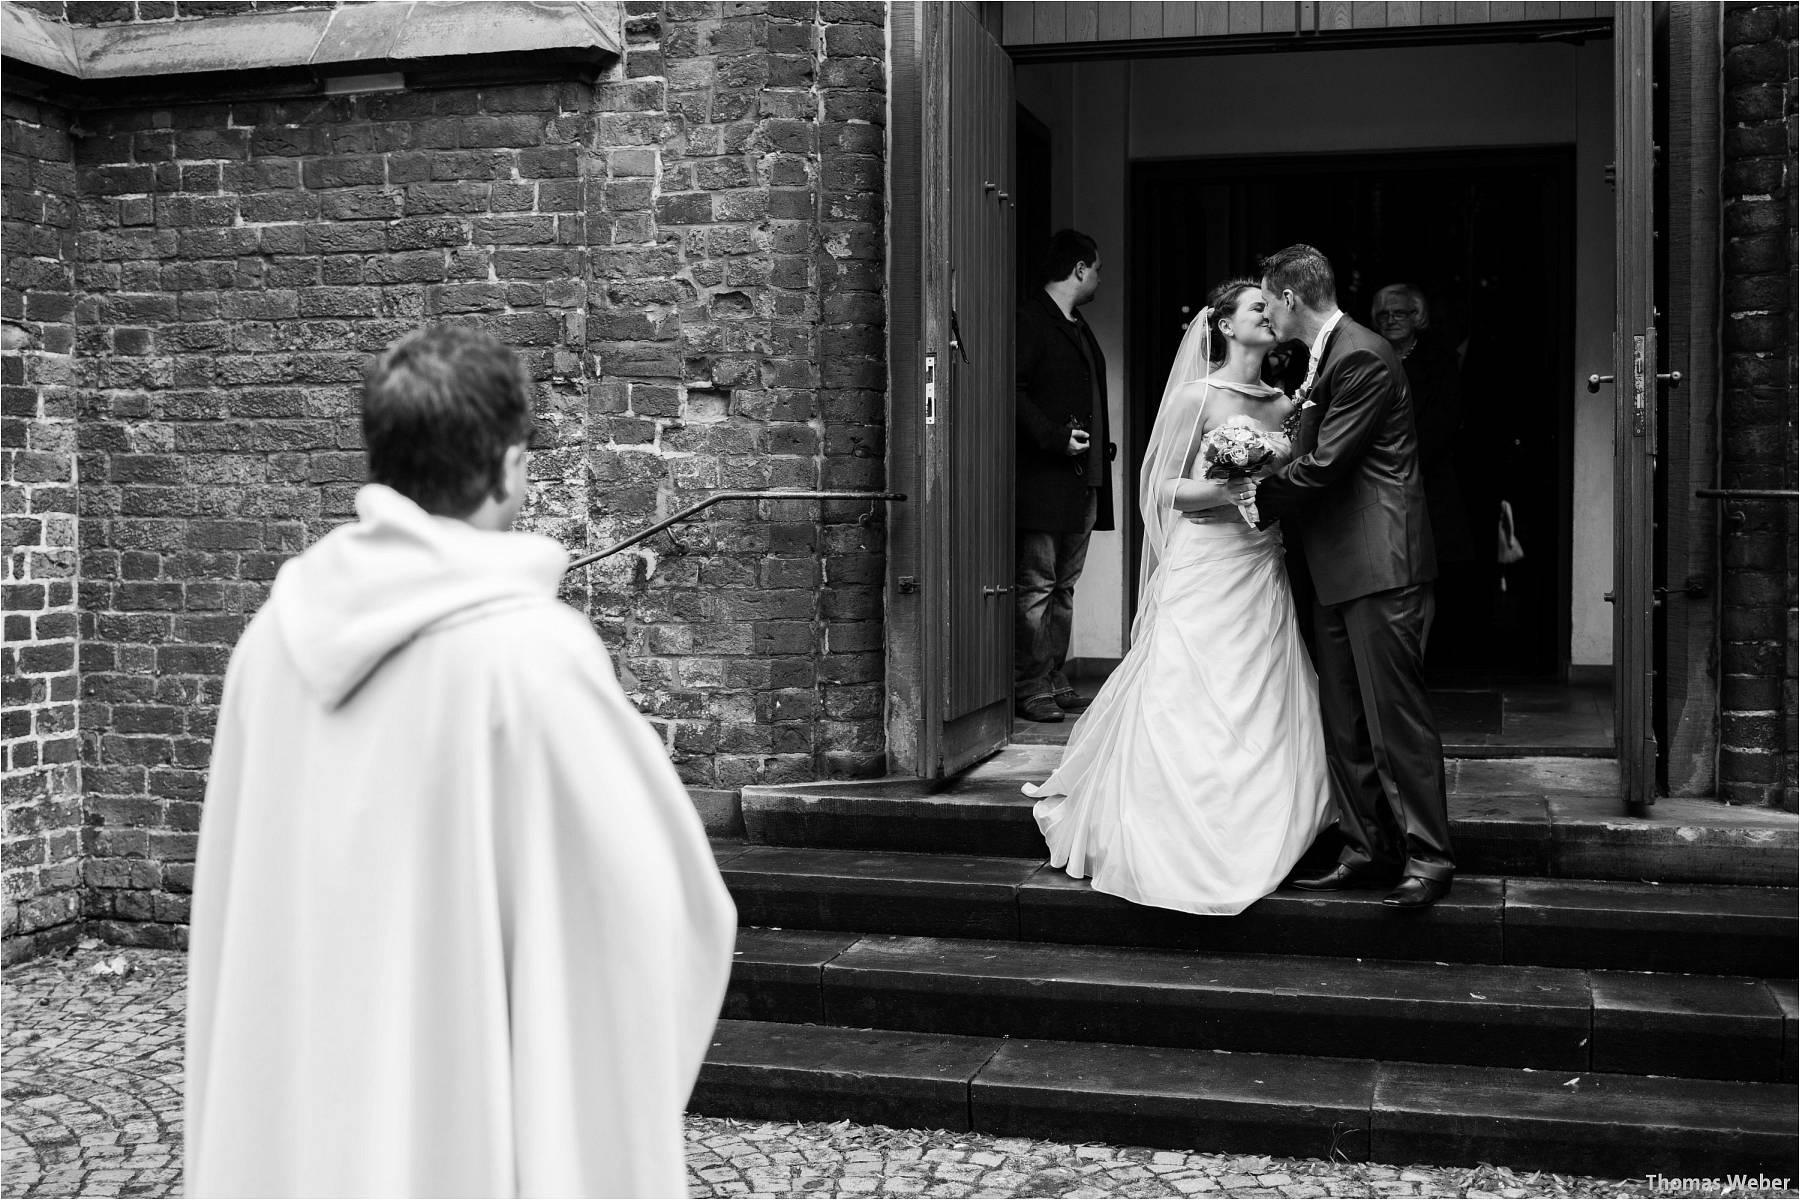 Hochzeitsfotograf Bremen: Kirchliche Trauung in der Propsteikirche St. Johann im Bremer Schnoor und Hochzeitsfeier bei Rogge Dünsen (14)